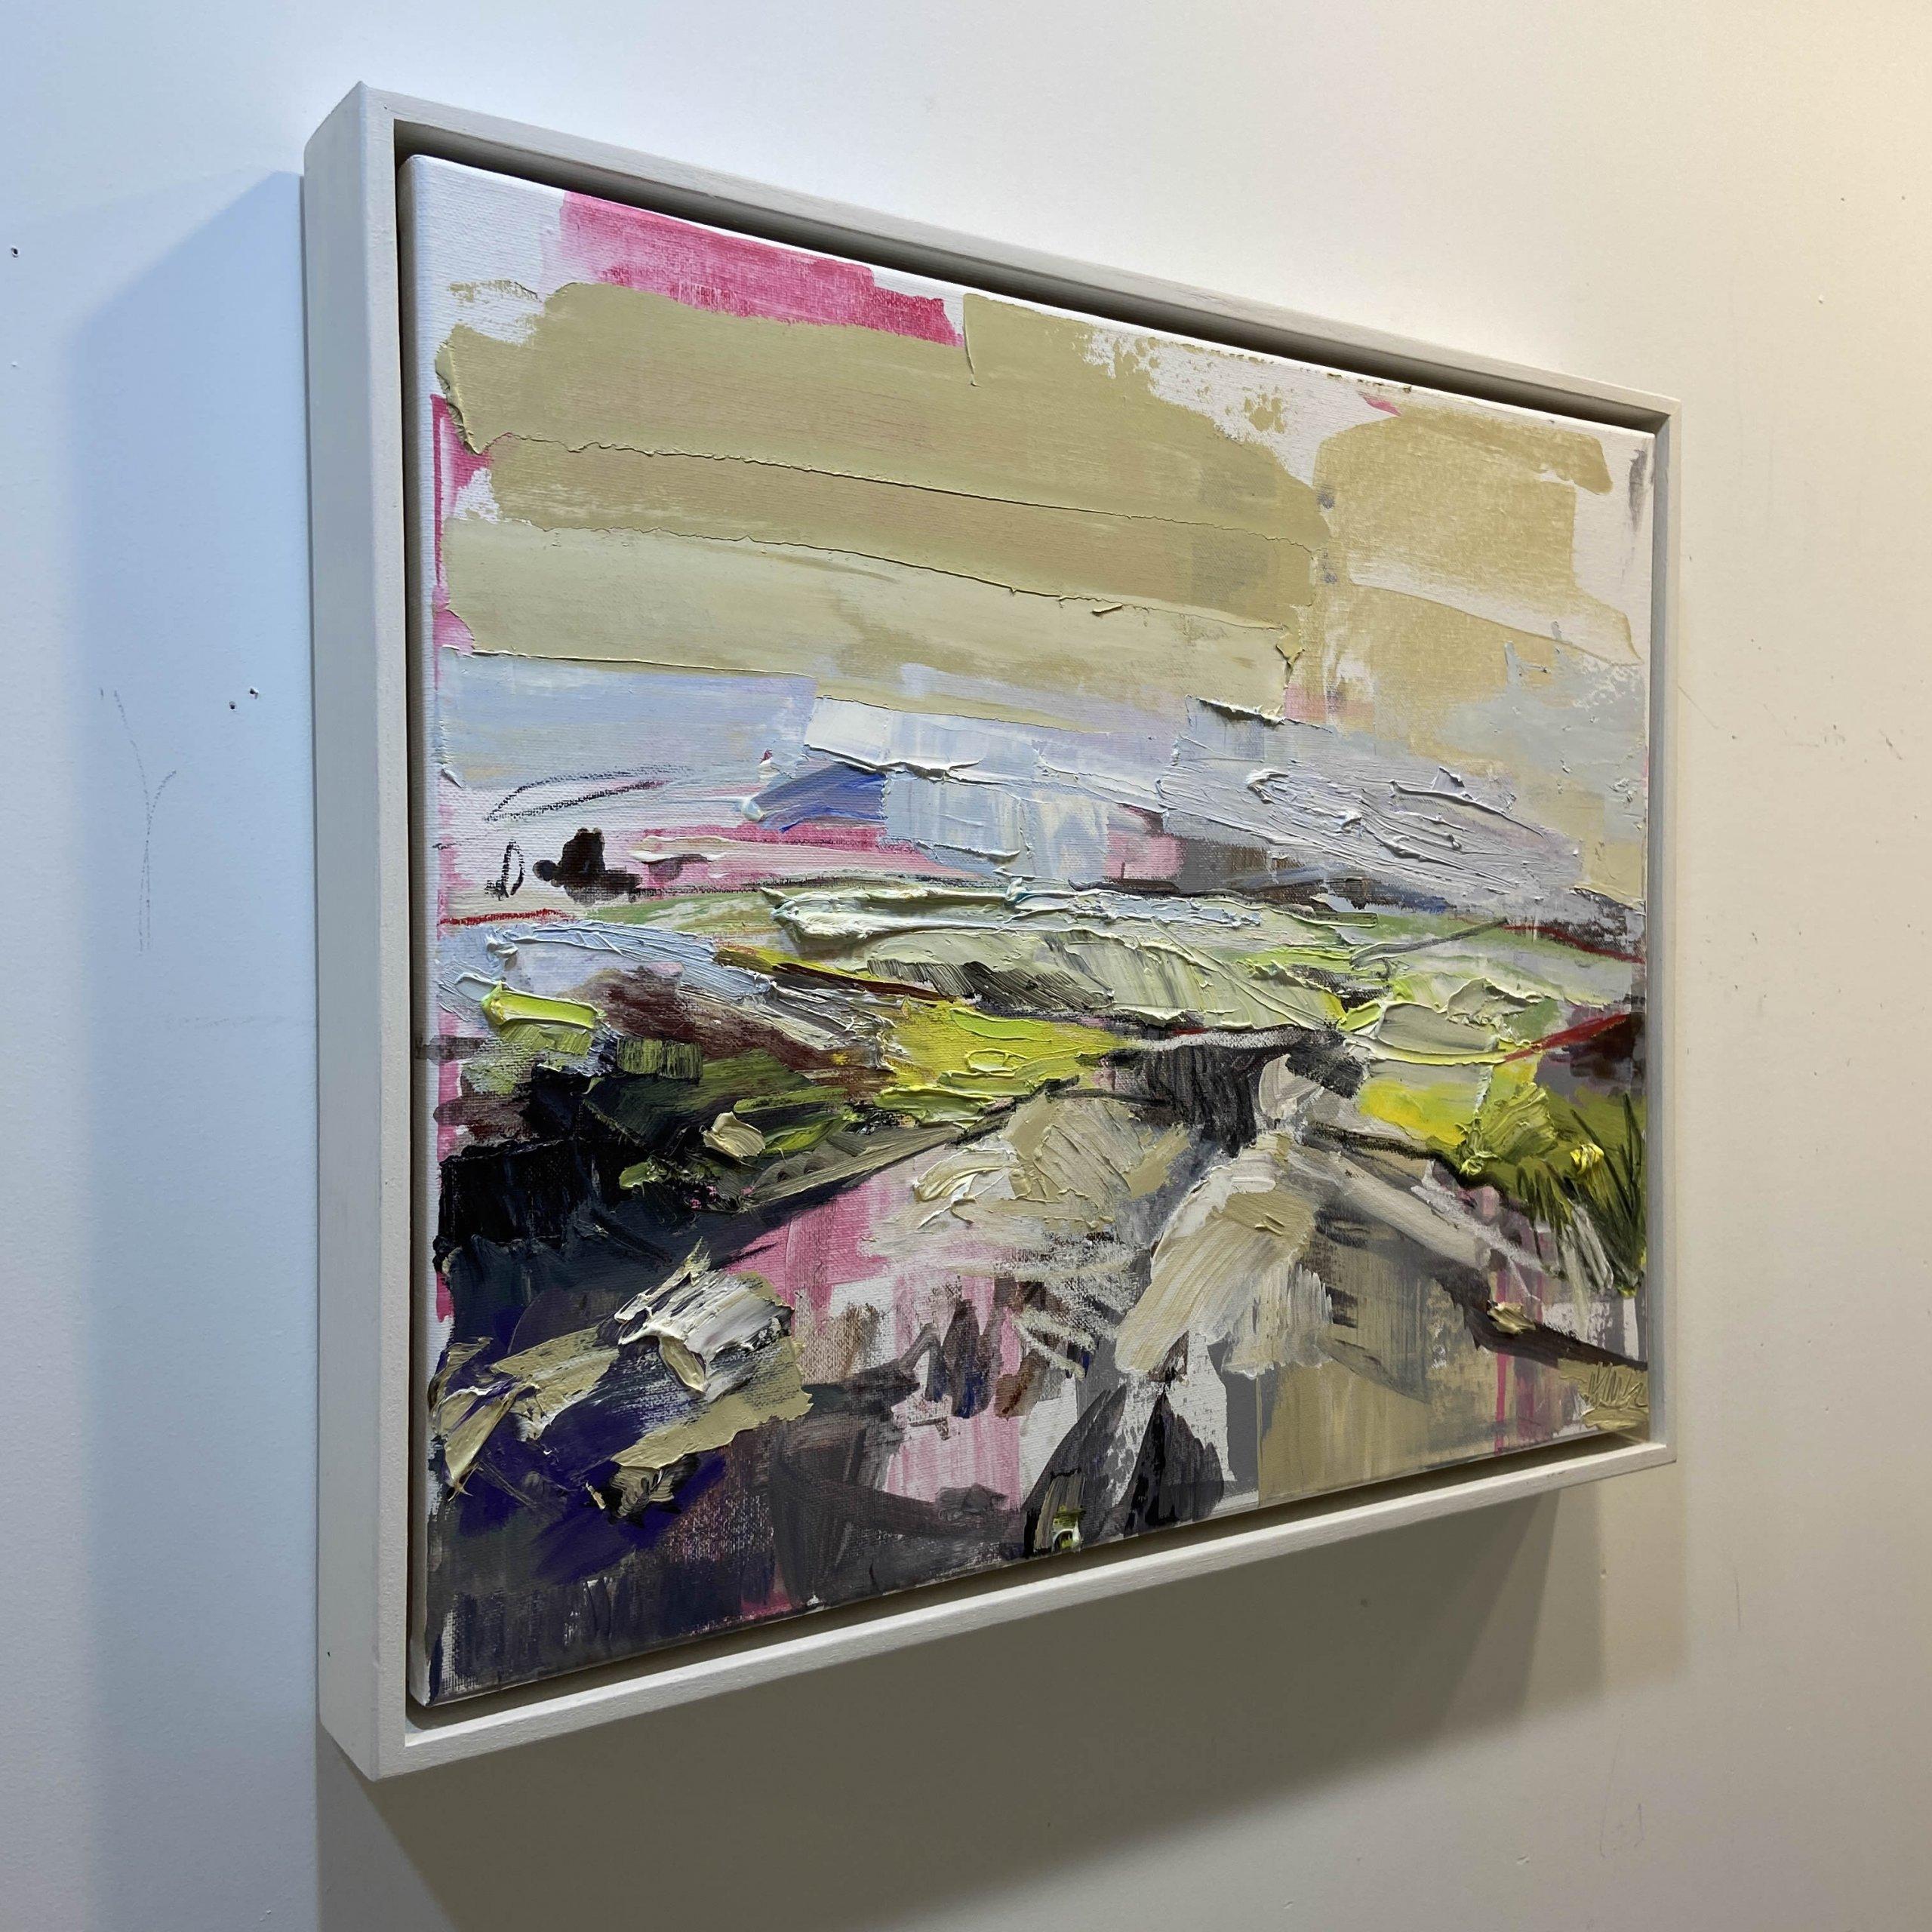 Julie-Himel-Rugged-Memory-Distant-Land-2020-Oil-on-canvas-16x20-Framed-1400-side-Online-Art-Galleries